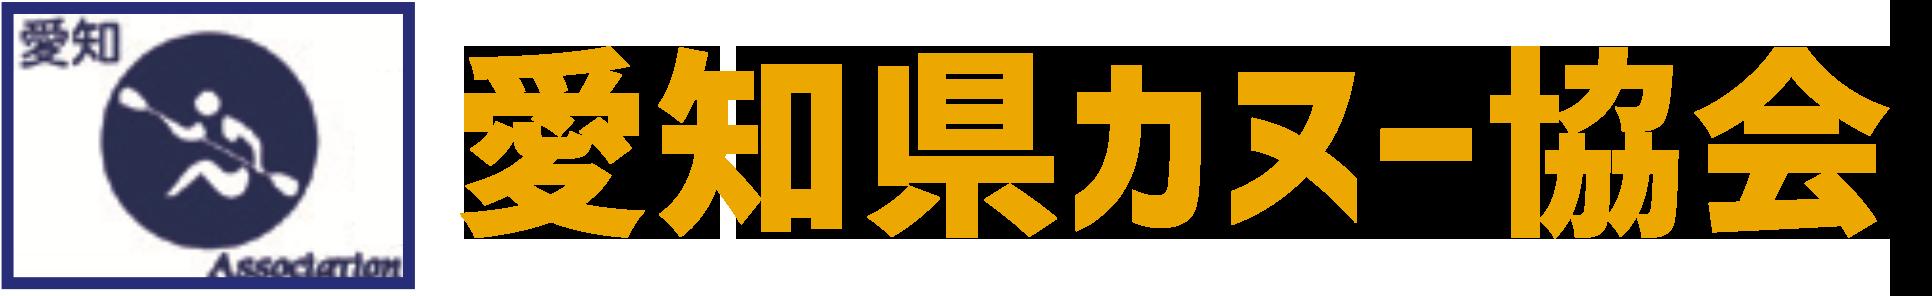 愛知県カヌー協会